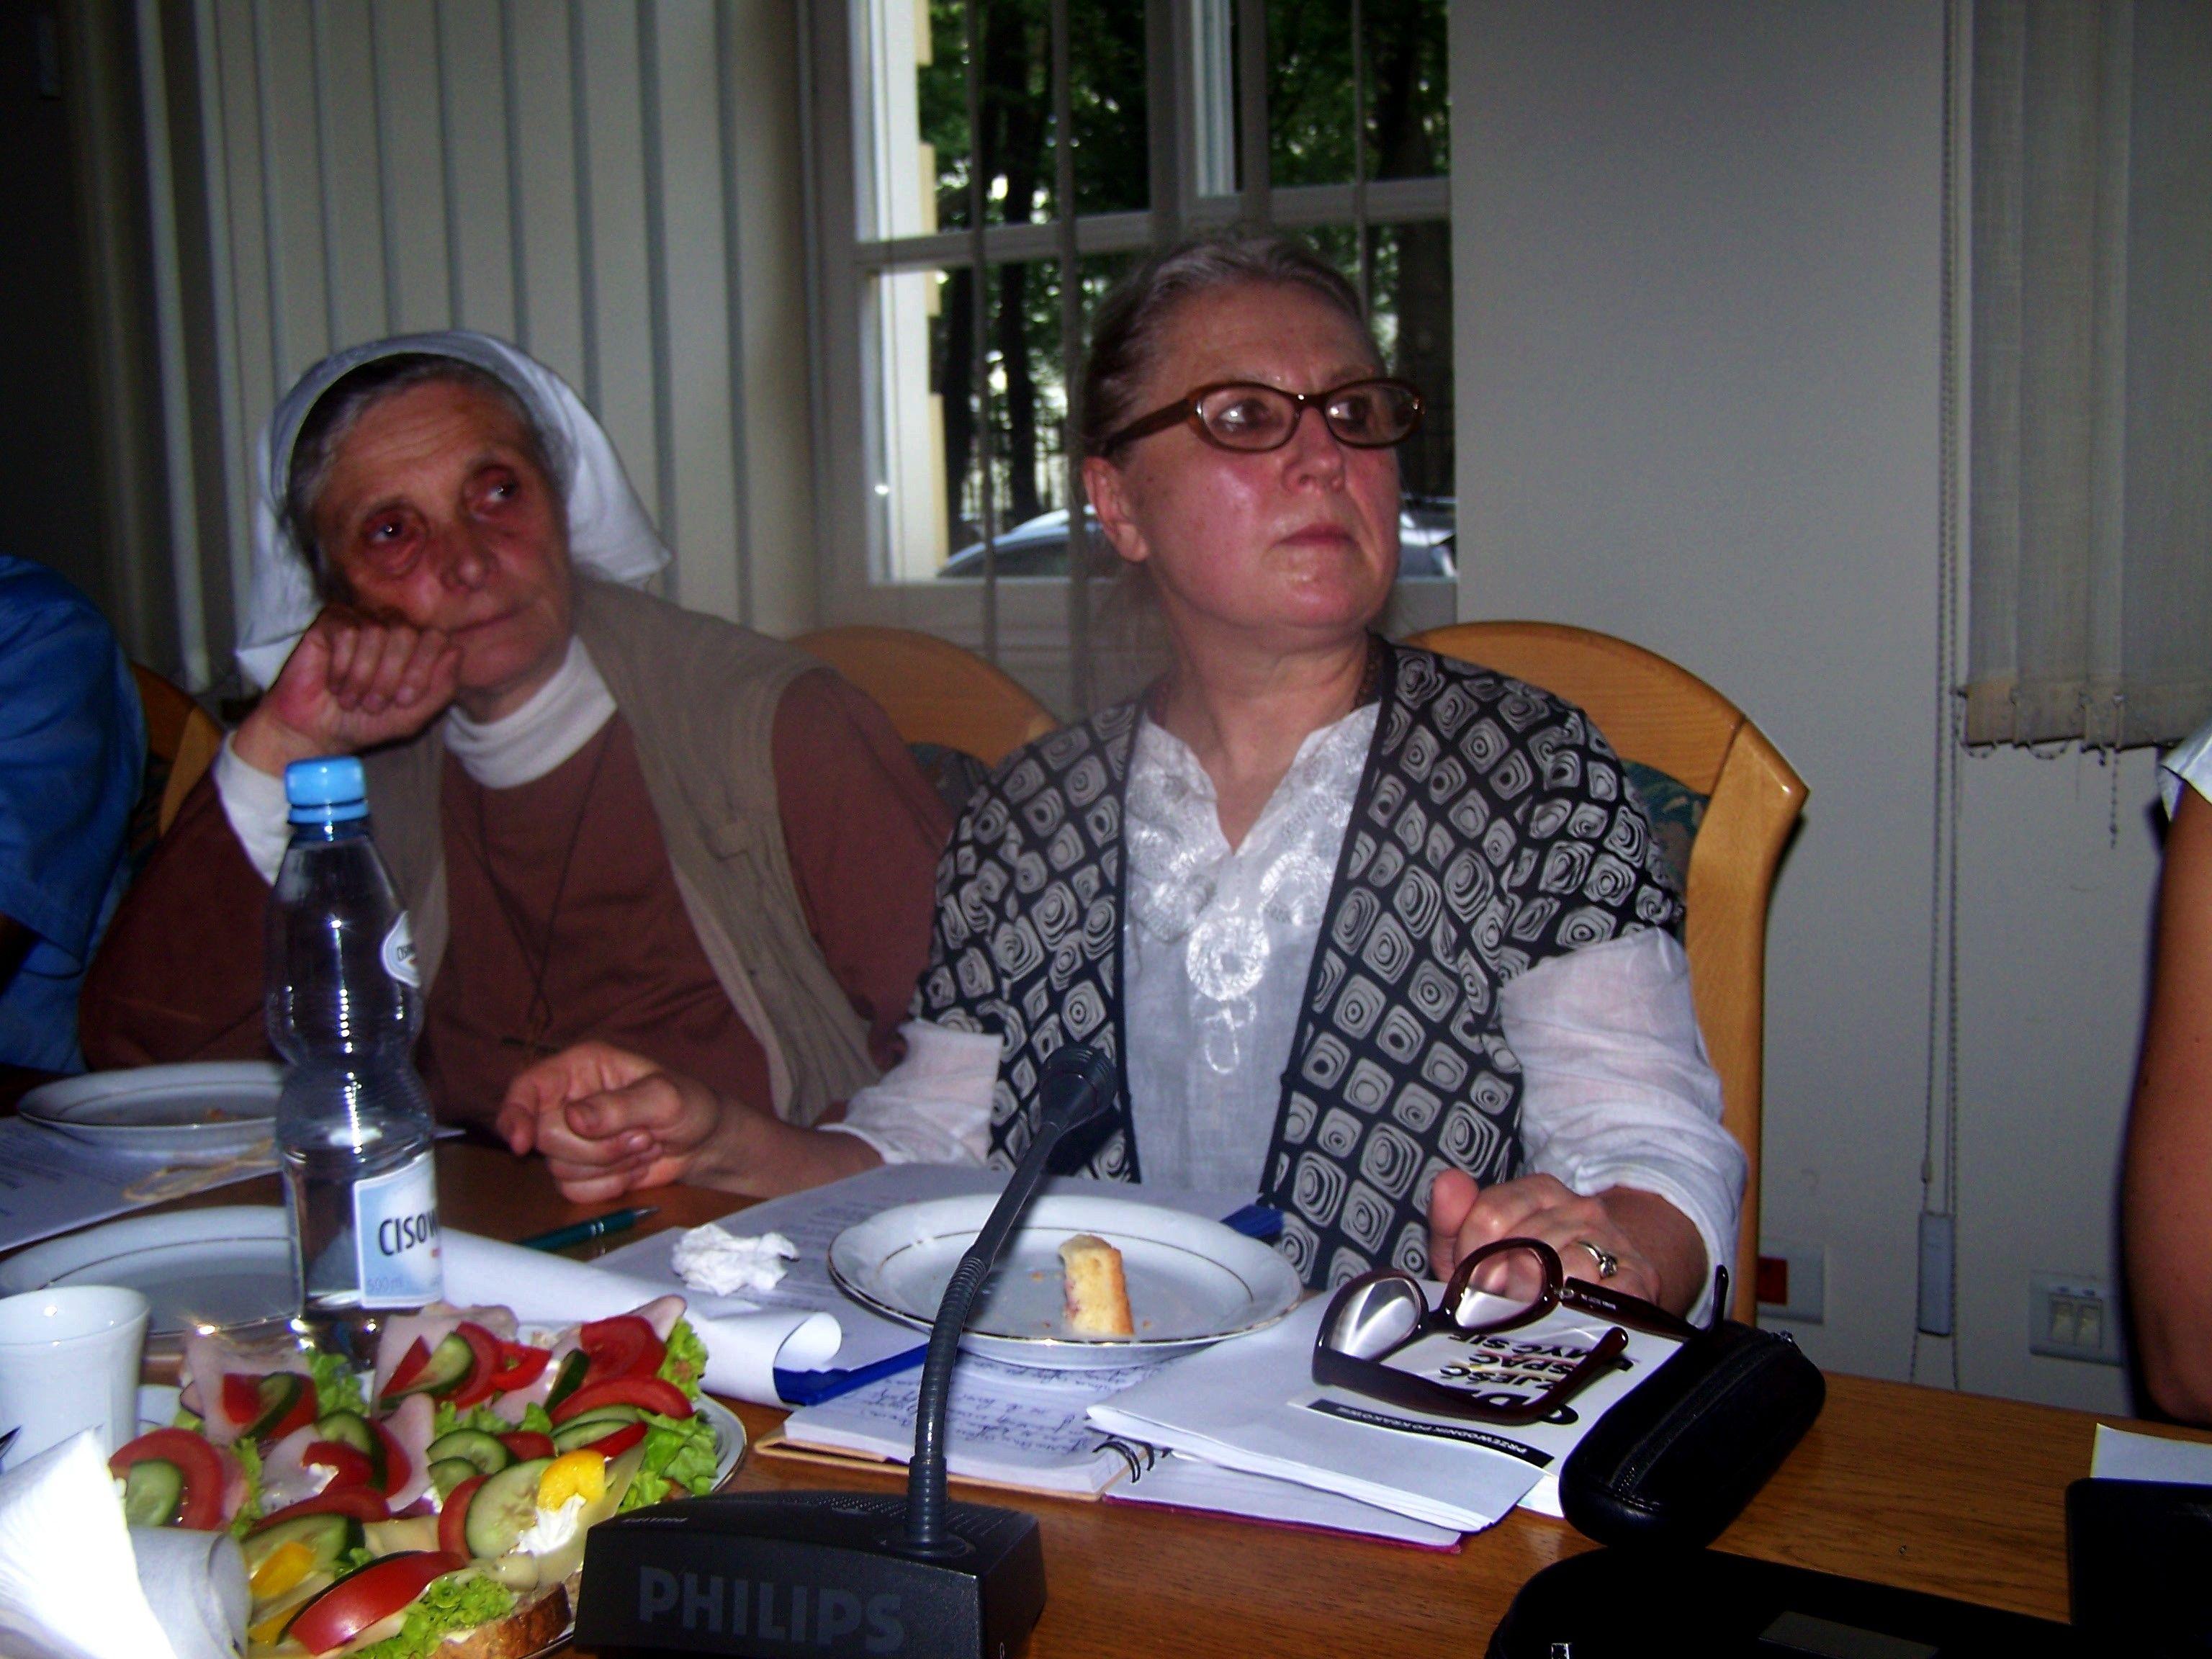 Siostra Małgorzata Chmielewska, Mirosław Widurek, spotkanie zespołu senioralnego RDPP 29 sierpnia 2019 r.